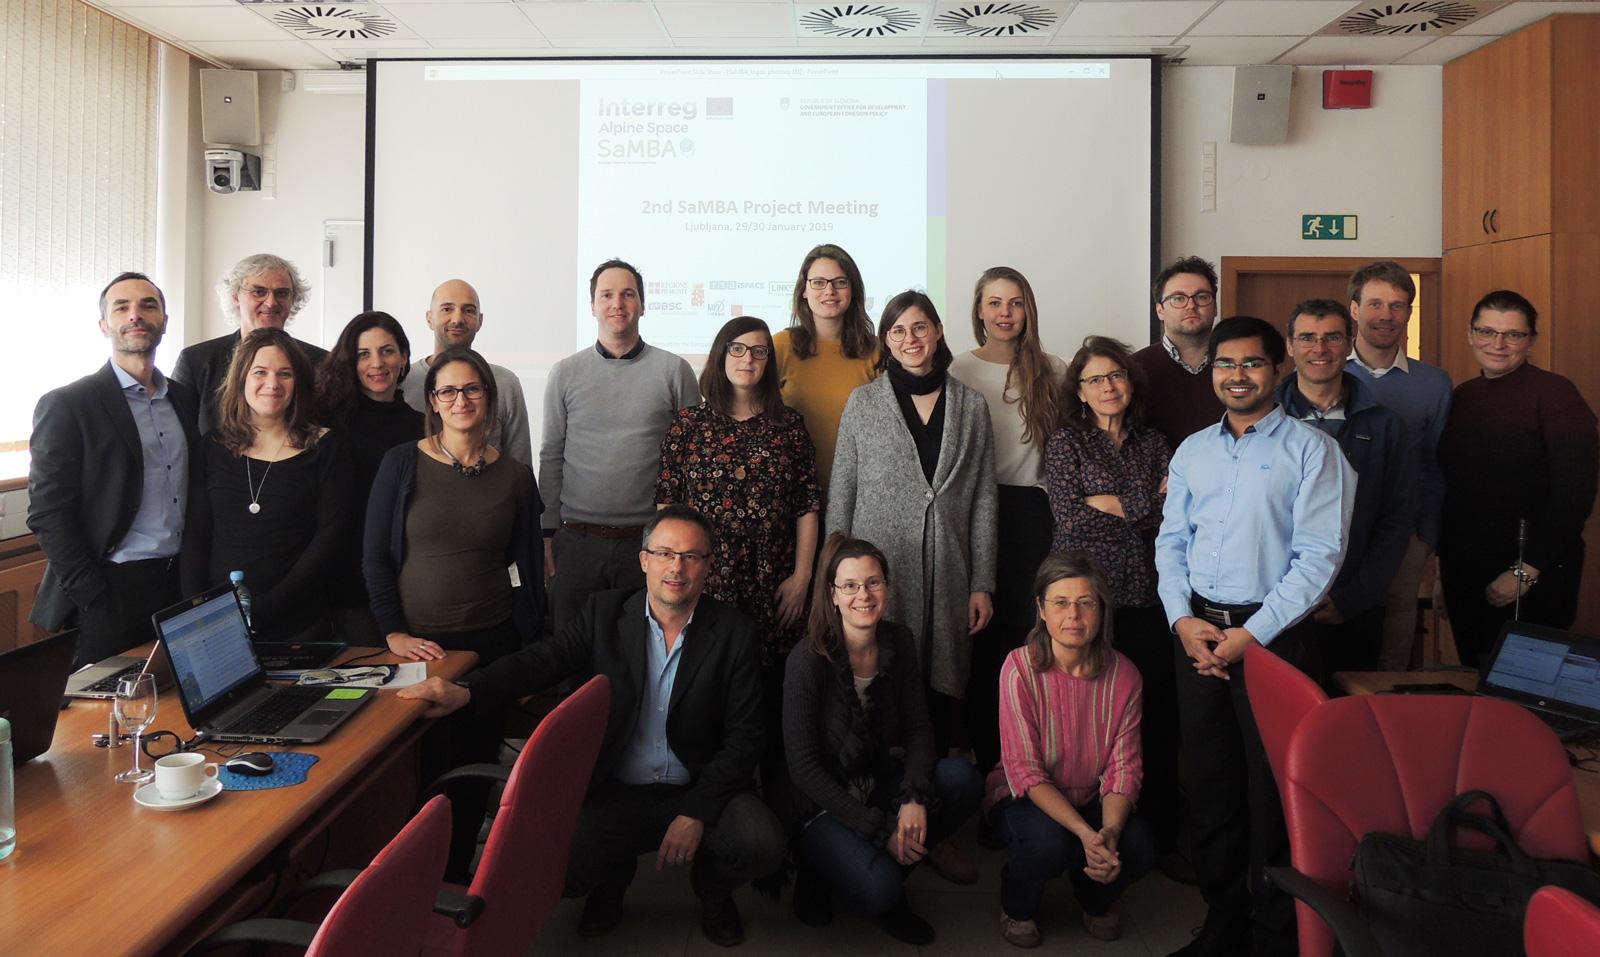 Na Fakulteti za elektrotehniko je potekal sestanek projekta SaMBA (Interreg Območje Alp)